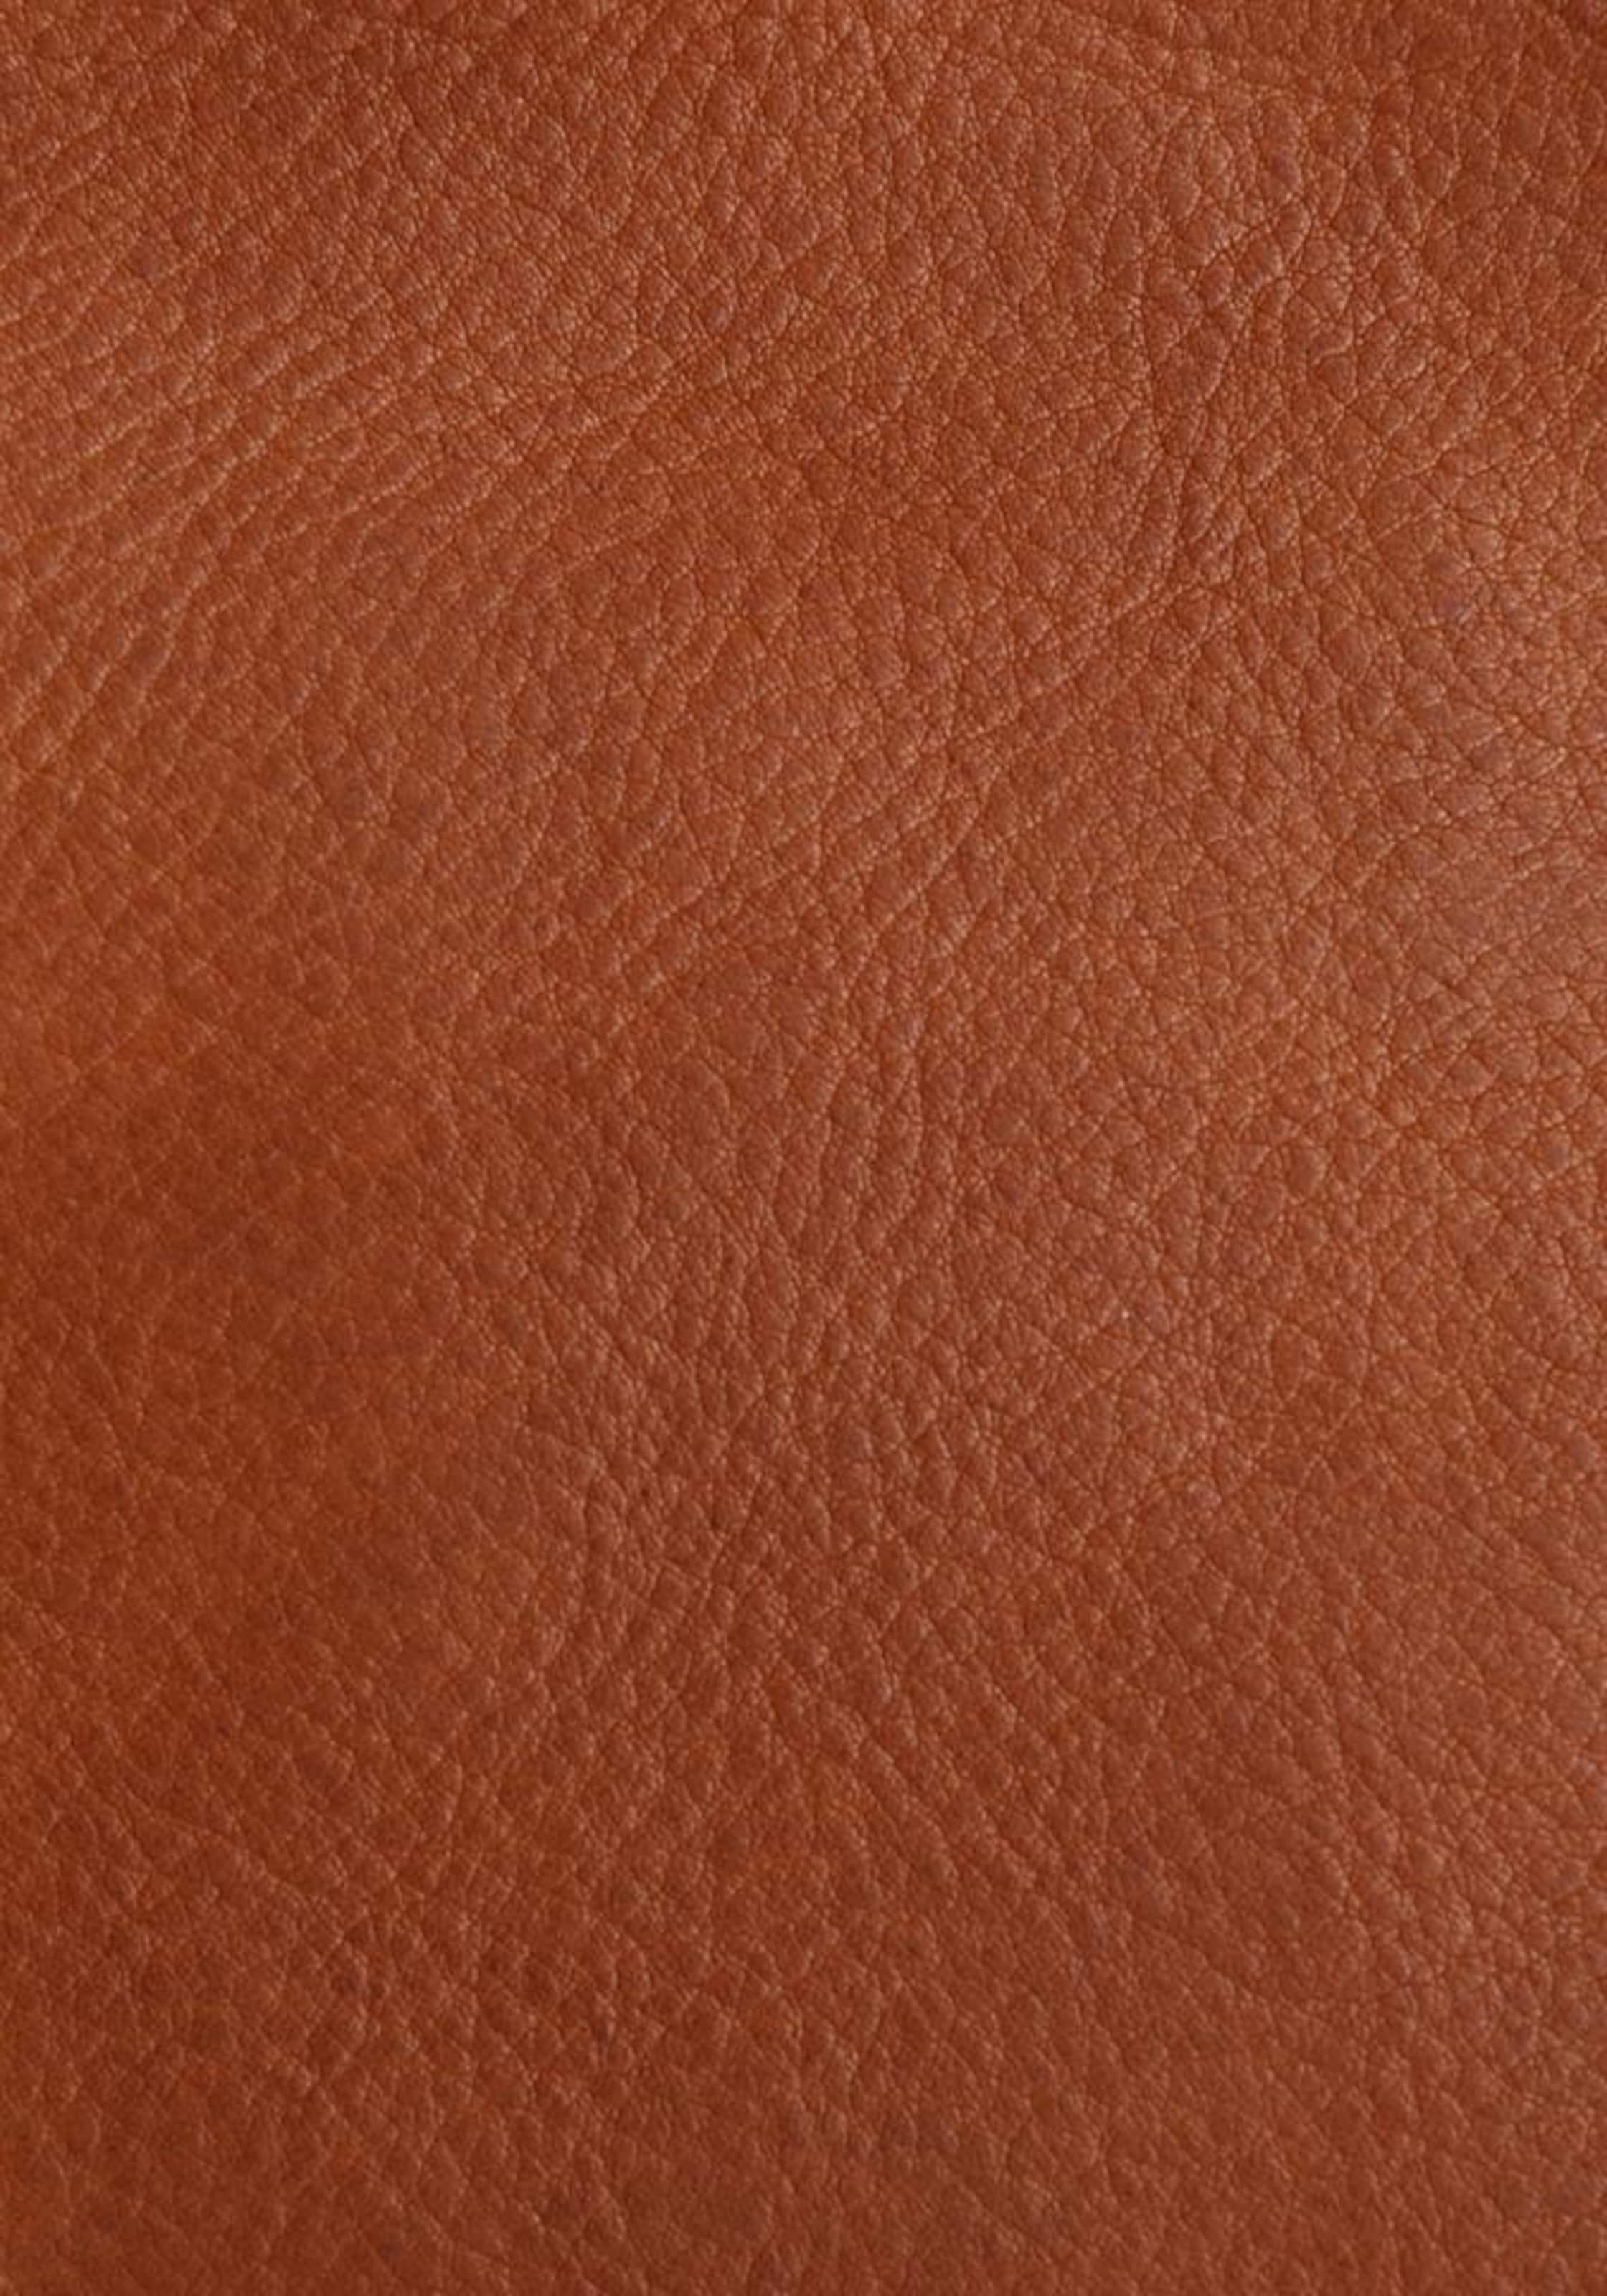 CAMEL ACTIVE 'Kansas' Umhängetasche Leder 28 cm Neuesten Kollektionen Auslass Viele Arten Von tAVcw4RMX2